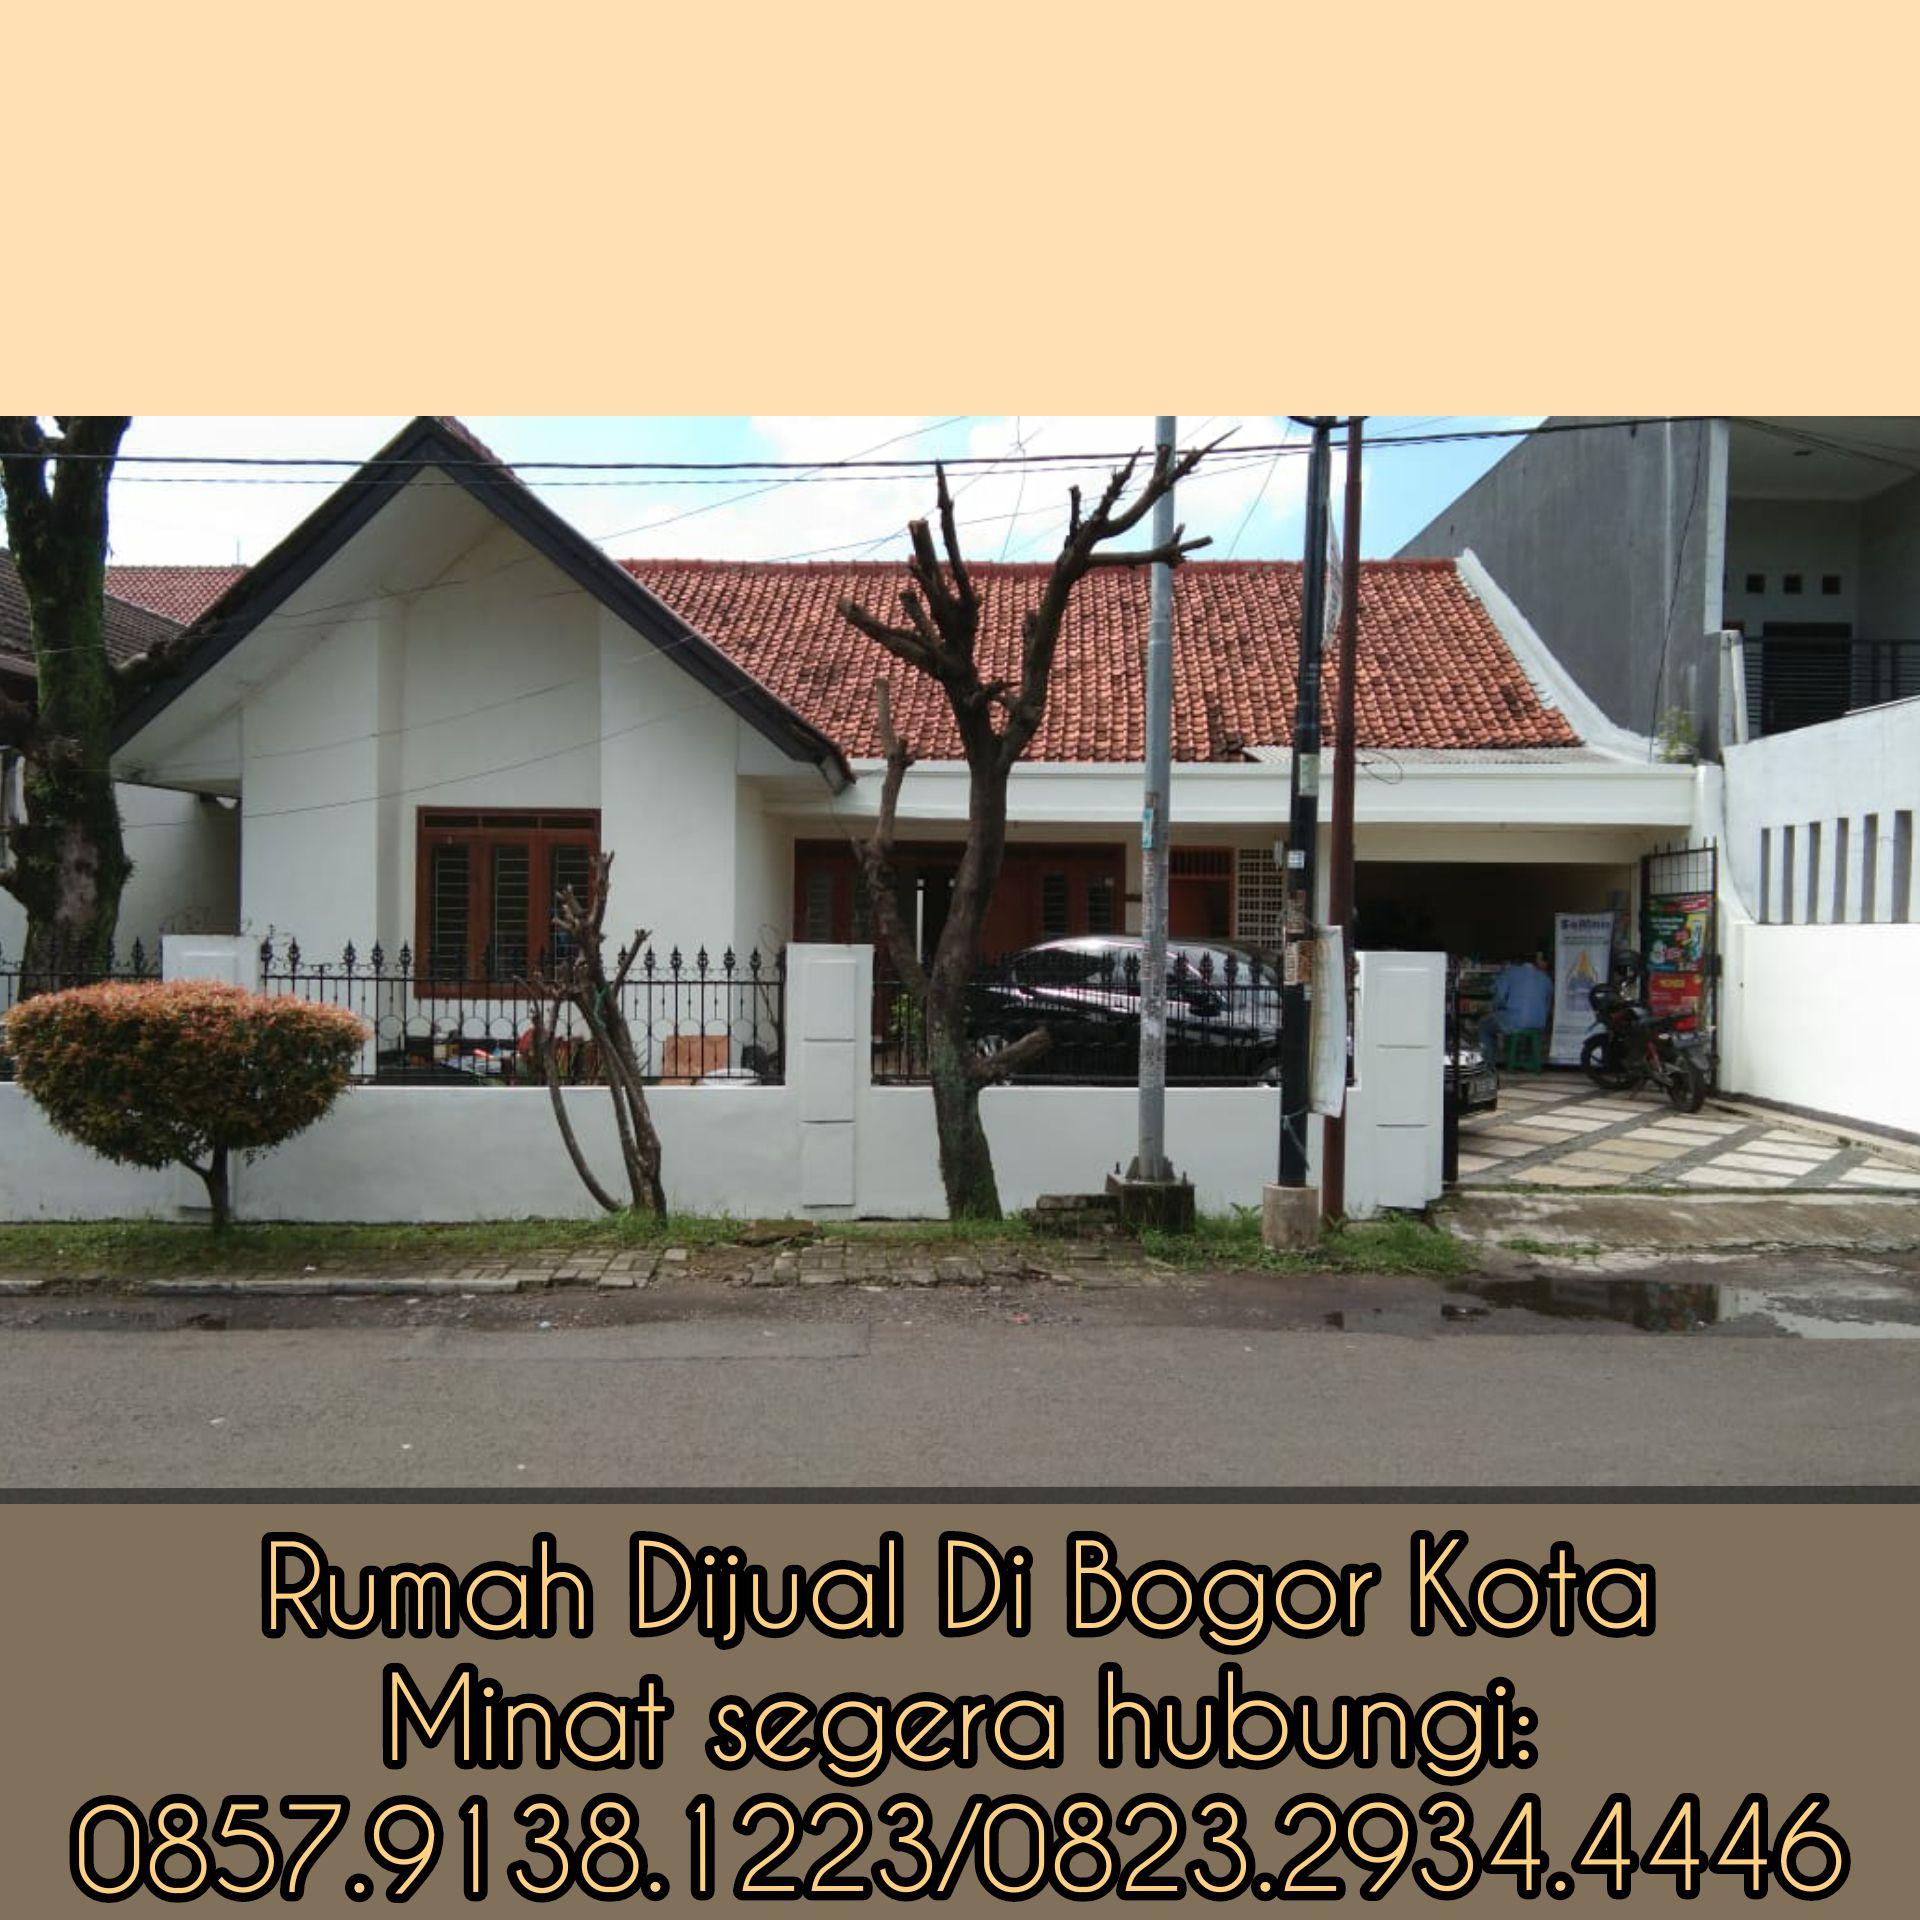 Jual Rumah Murah Dijual Rumah Area Bogor Jual Rumah Minimalis Bogor 0857 9138 1223 0823 2934 4446 Di 2020 Rumah Rumah Mewah Rumah Minimalis